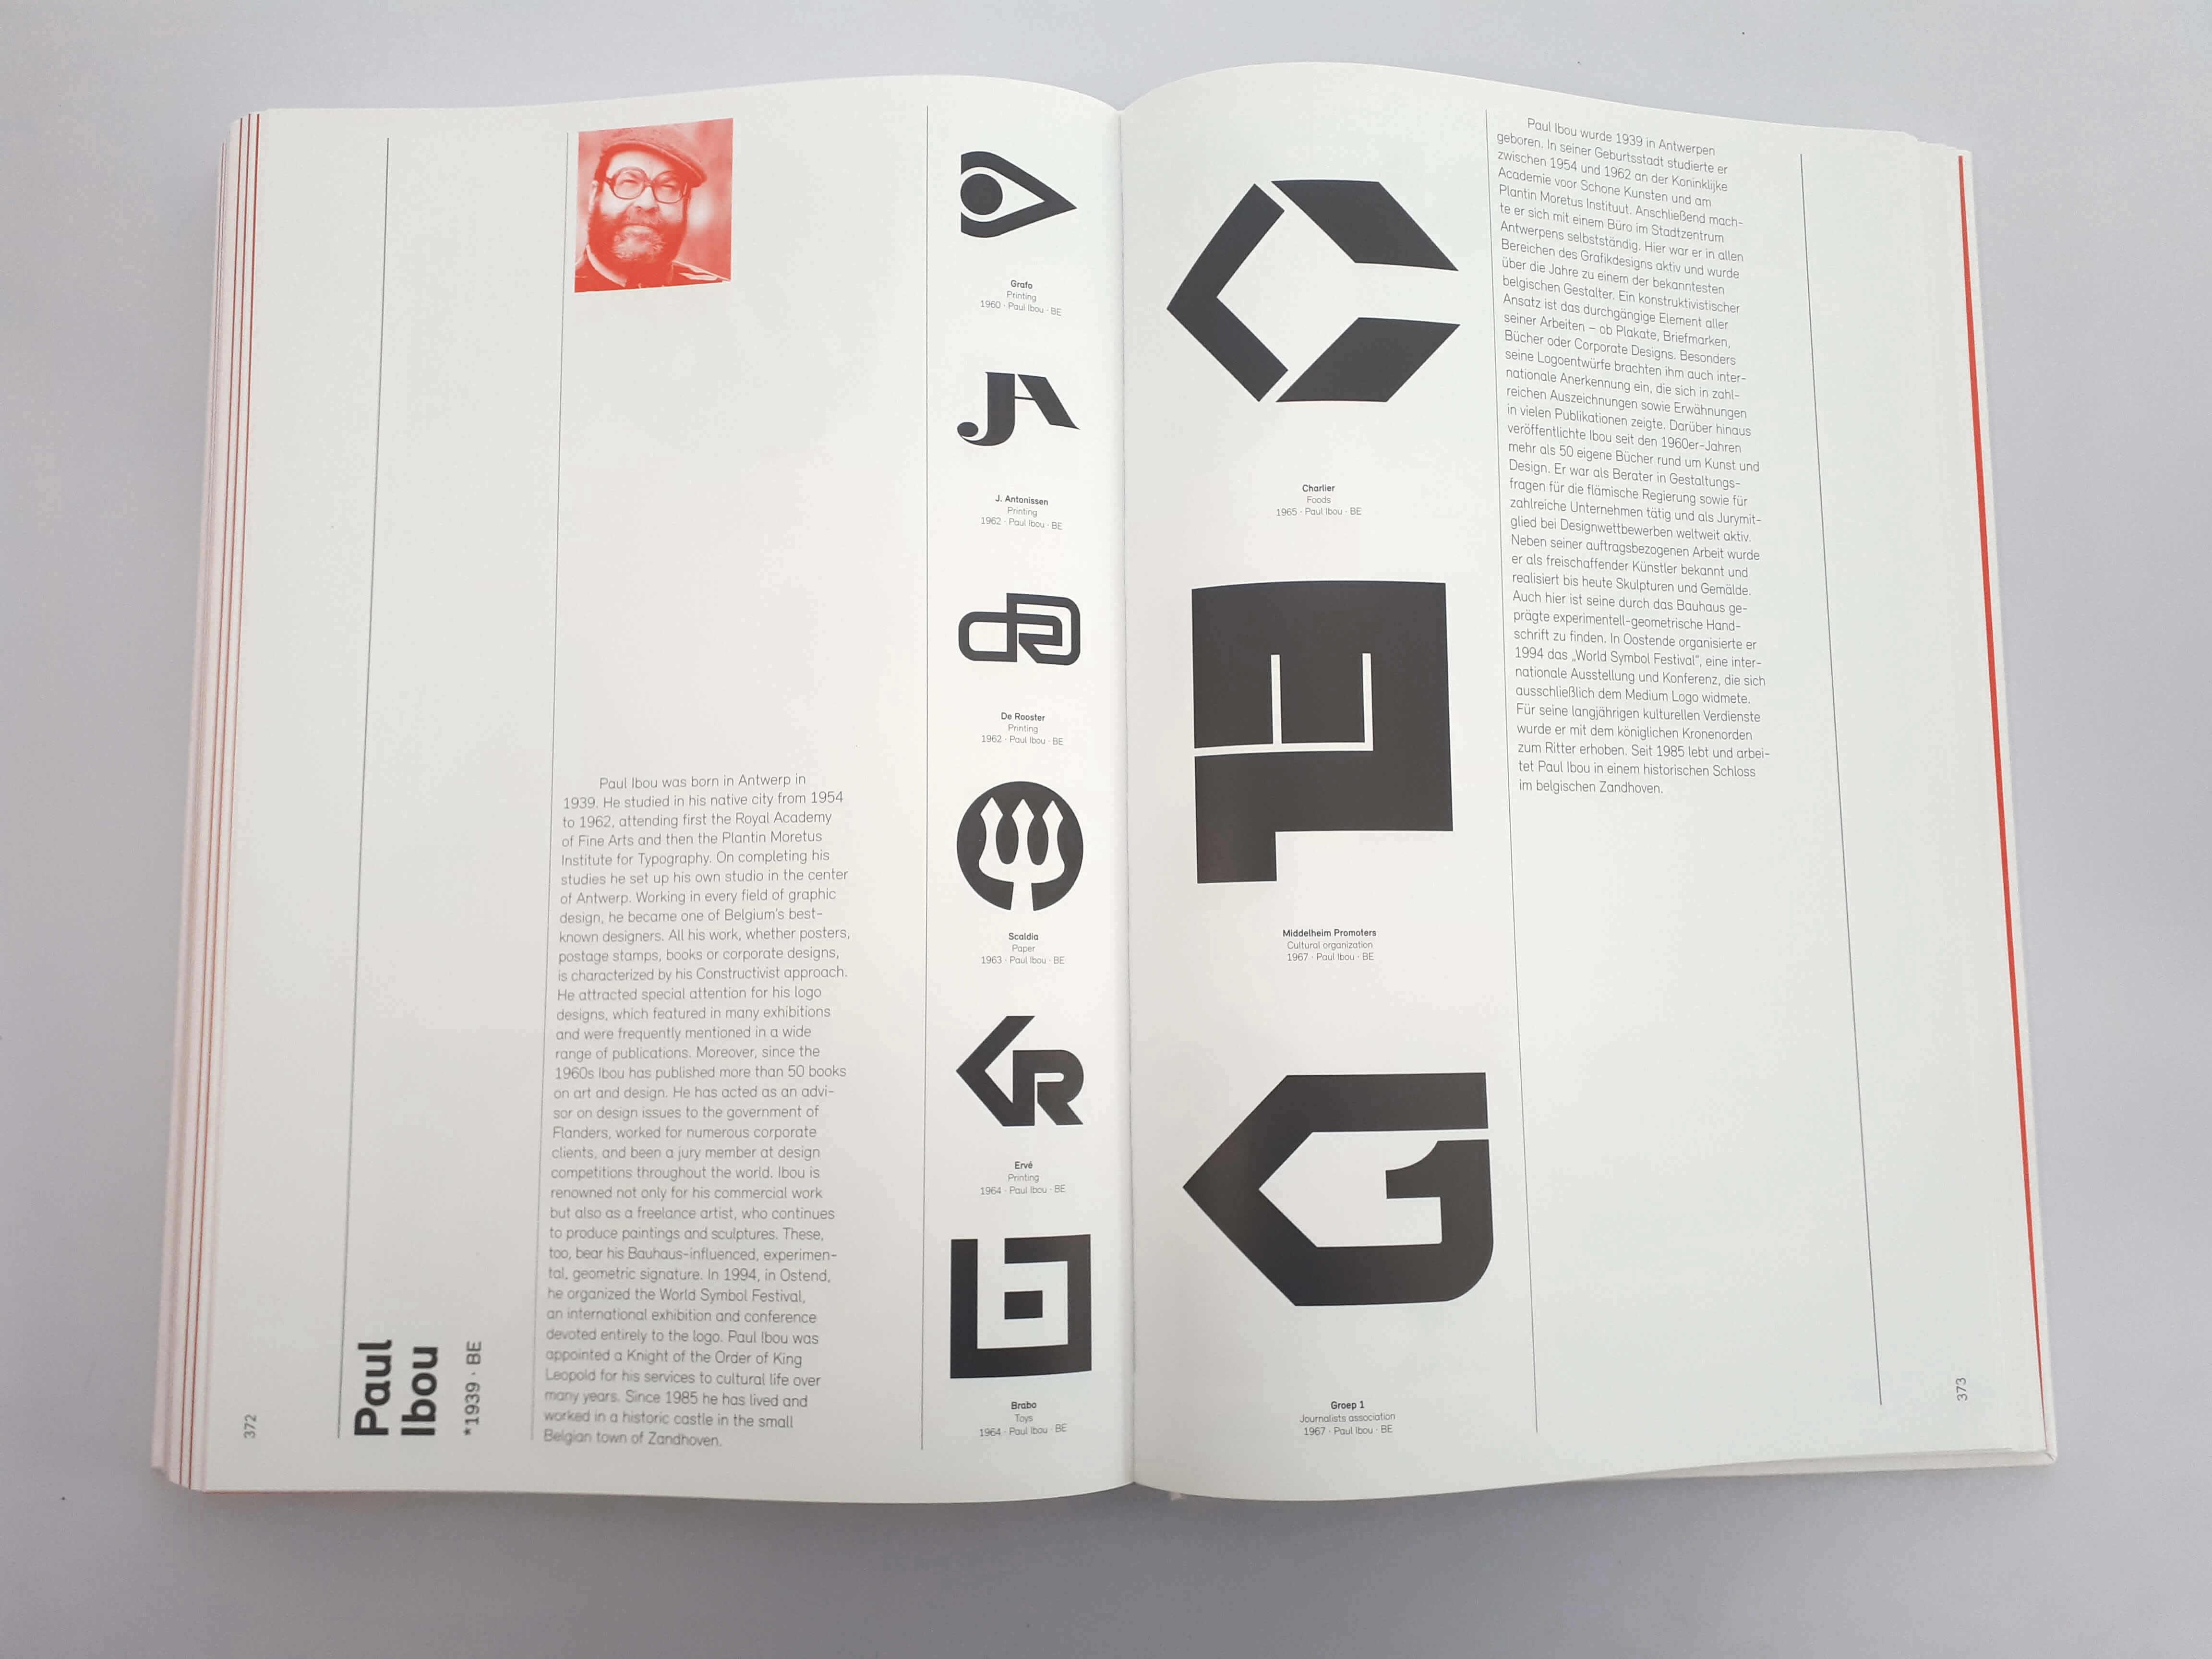 Logo Modernism by Jens Müller and Julius Wiedemann